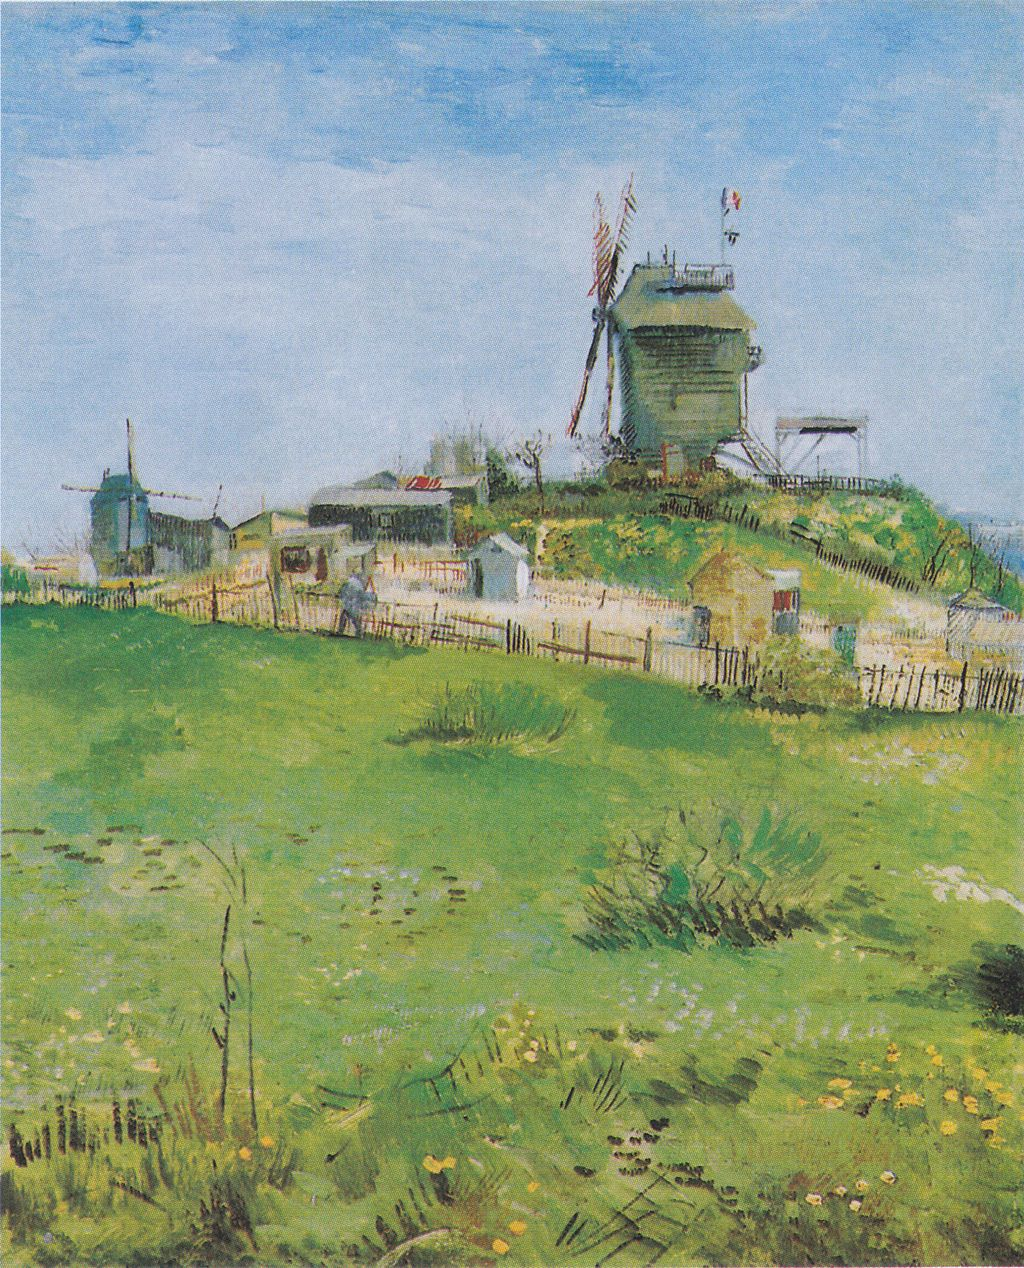 1024px-Van_Gogh_-_Le_Moulin_de_la_Galette8.jpeg